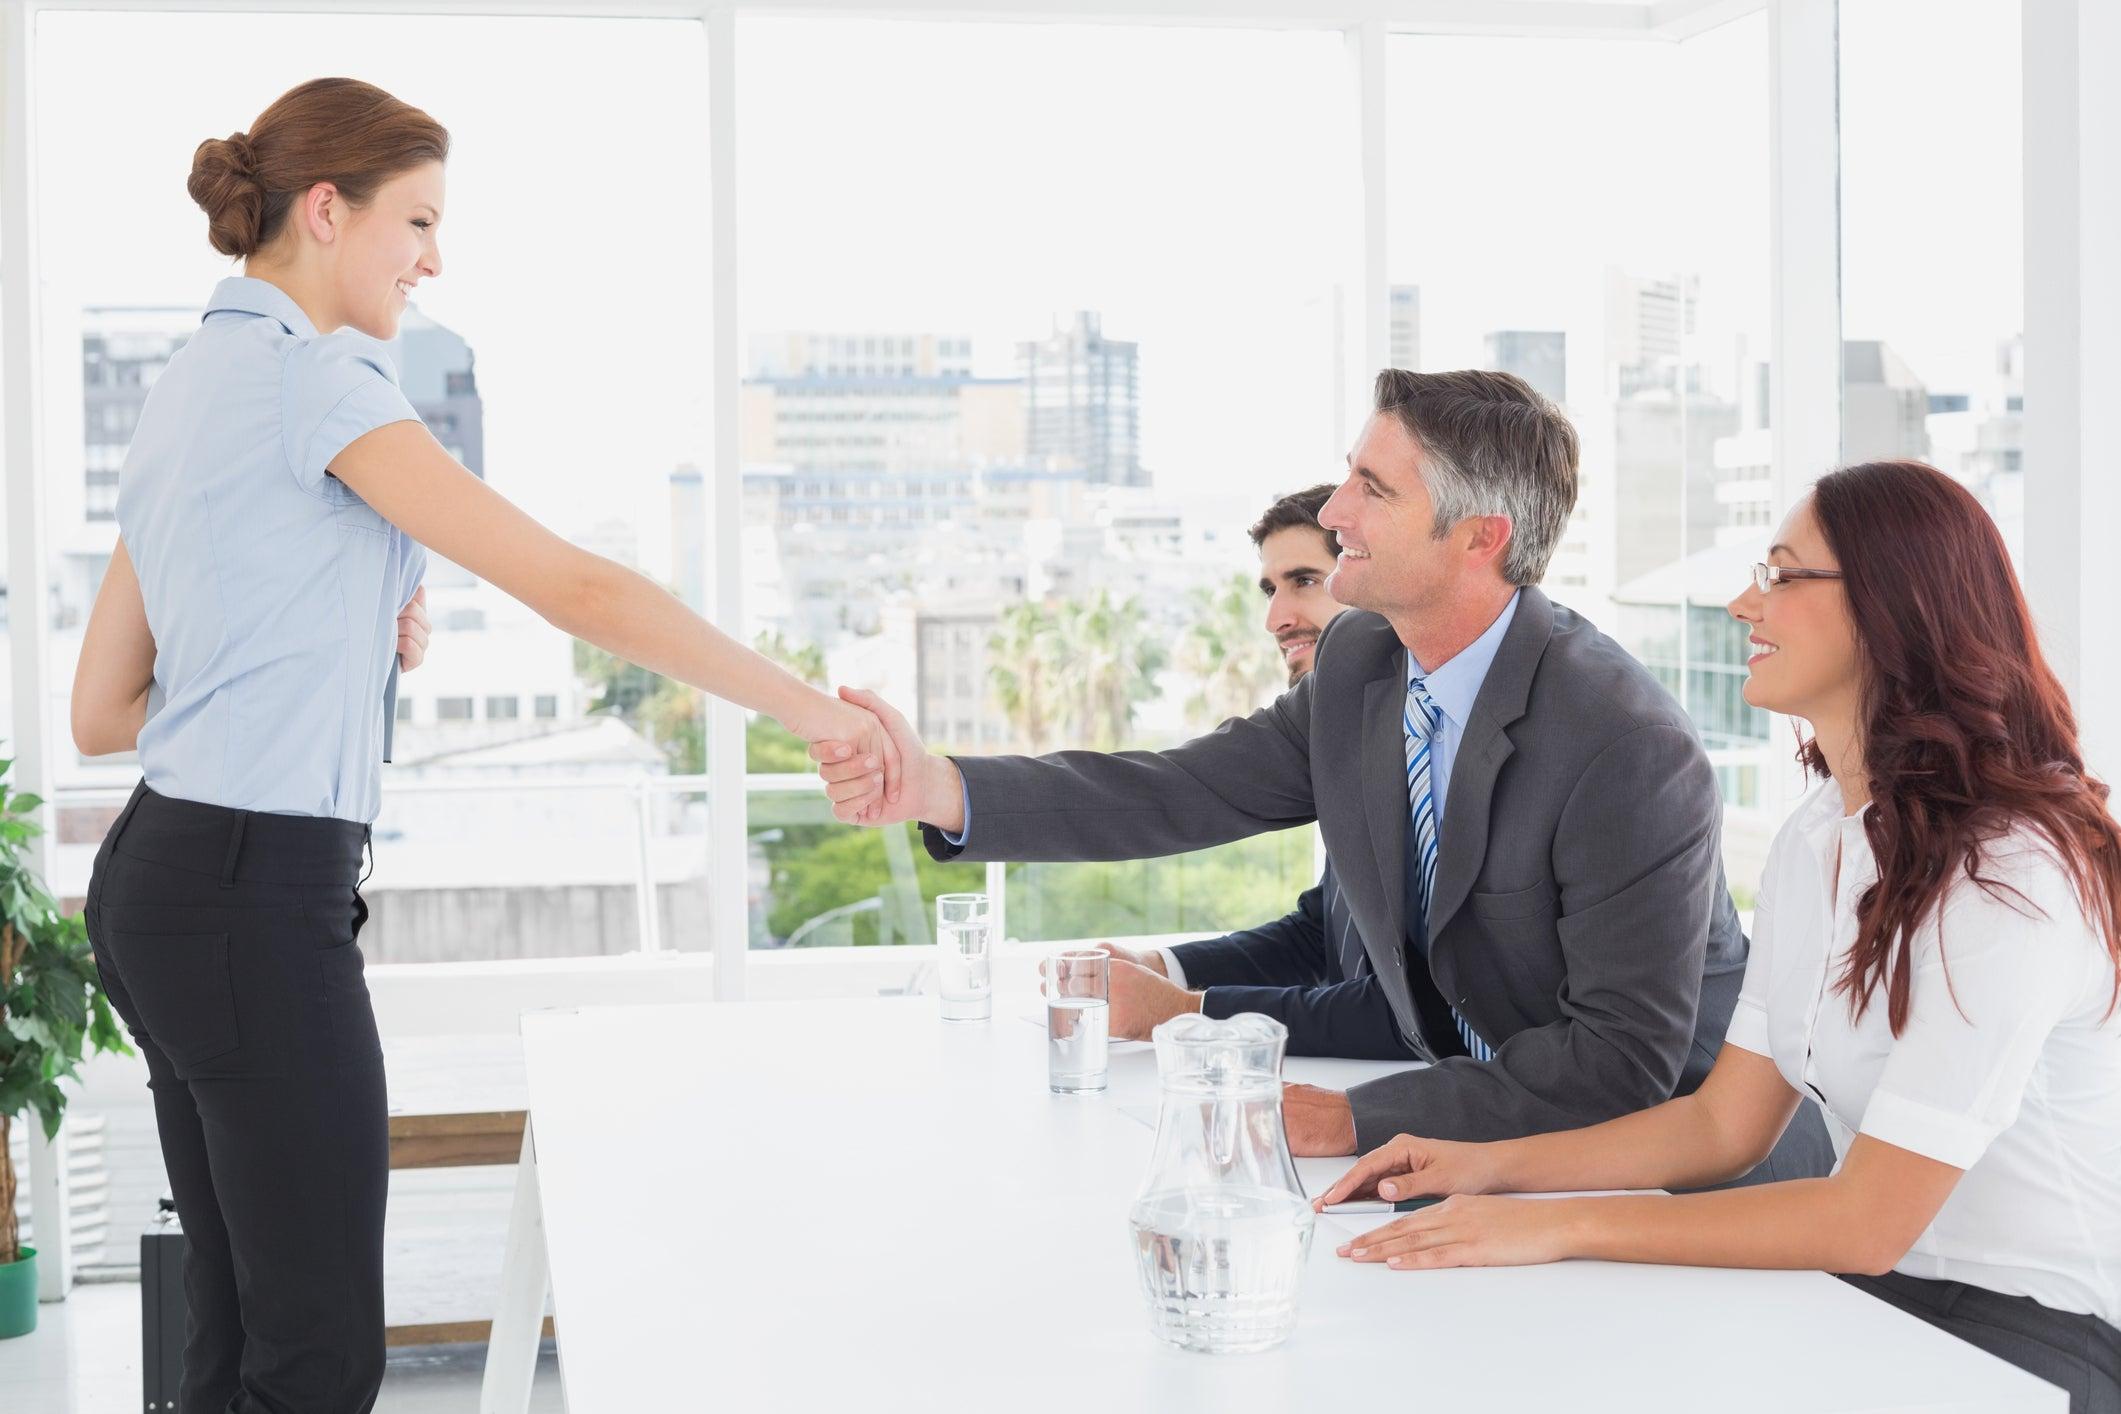 Безработным гражданам необходимо сообщать в службу занятости о своём трудоустройстве